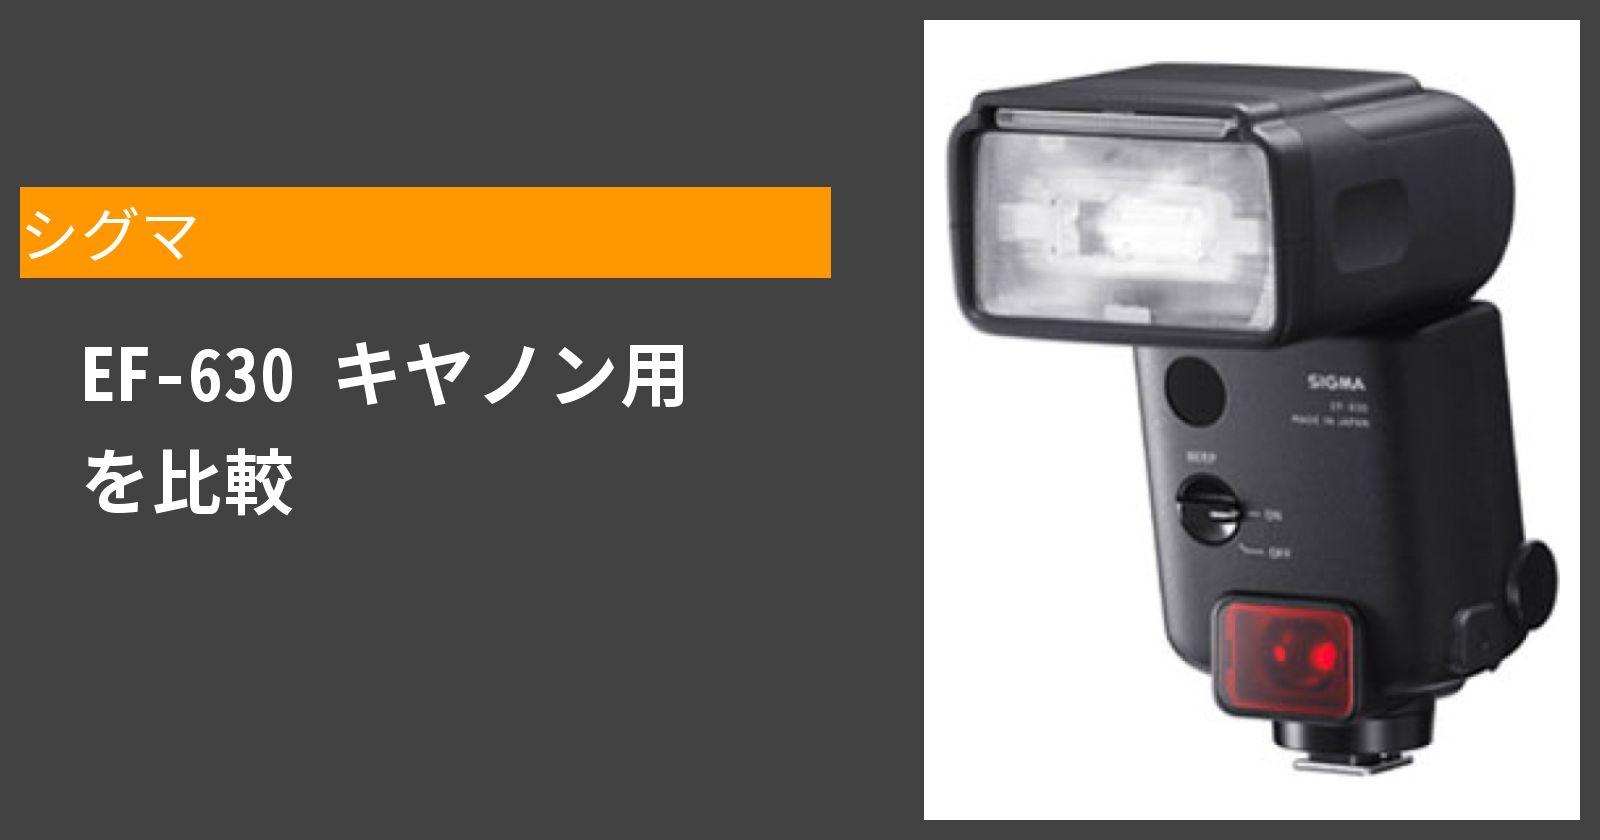 EF-630 キヤノン用を徹底評価